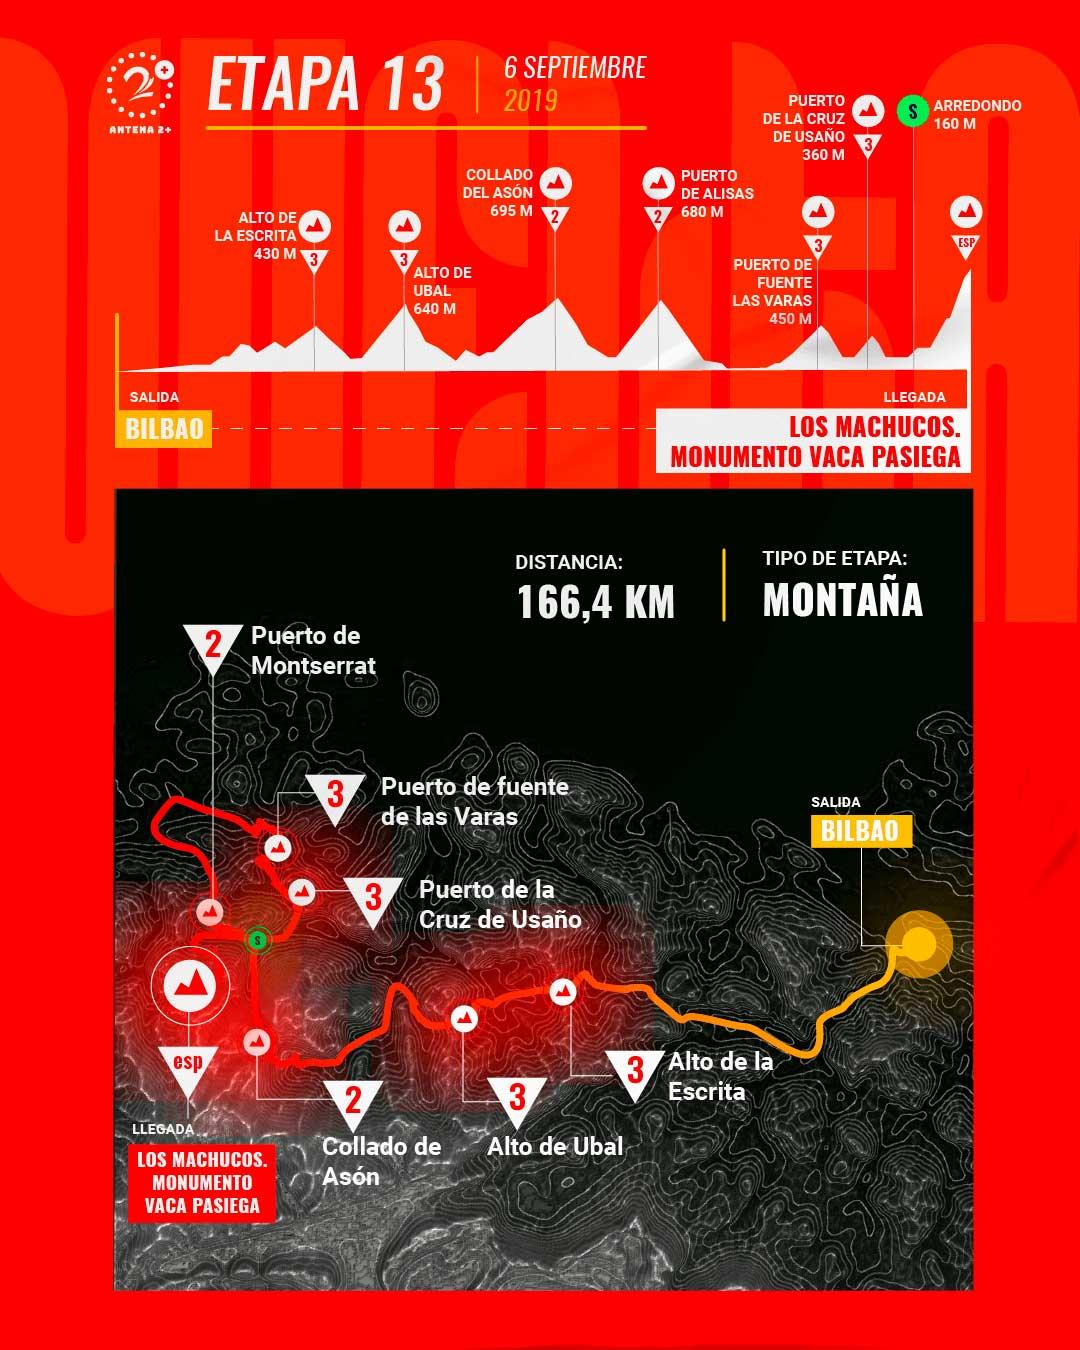 Etapa 13, Vuelta a España 2019